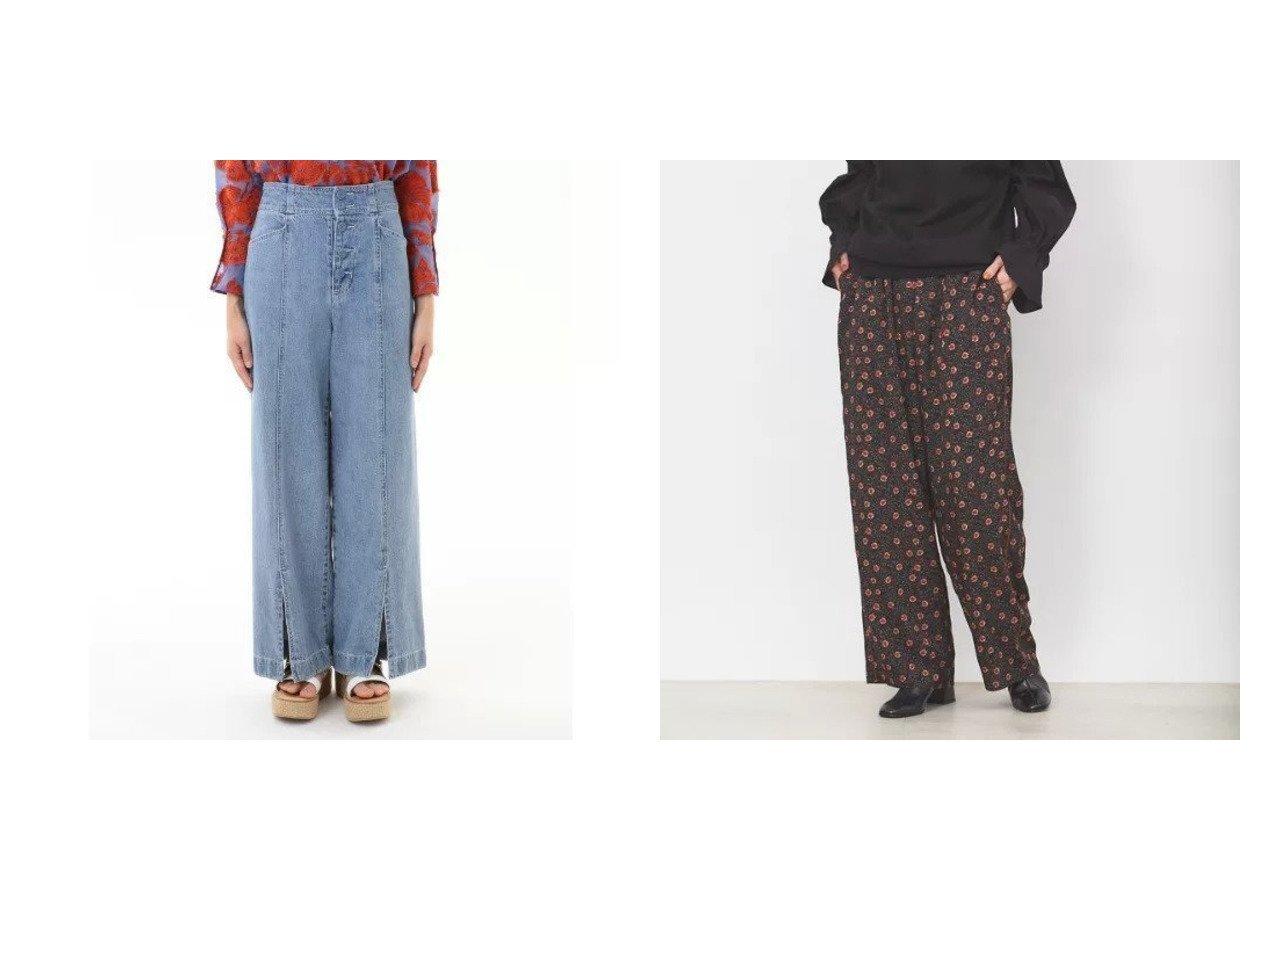 【GRACE CONTINENTAL/グレース コンチネンタル】のセンタースリットデニムパンツ&【Rouge vif/ルージュ ヴィフ】の【WEB&一部店舗限定】プリントイージーパンツ パンツのおすすめ!人気、トレンド・レディースファッションの通販 おすすめで人気の流行・トレンド、ファッションの通販商品 メンズファッション・キッズファッション・インテリア・家具・レディースファッション・服の通販 founy(ファニー) https://founy.com/ ファッション Fashion レディースファッション WOMEN パンツ Pants デニムパンツ Denim Pants デニム クラシカル コンパクト サテン ストレート バランス プリント ワイド |ID:crp329100000015281